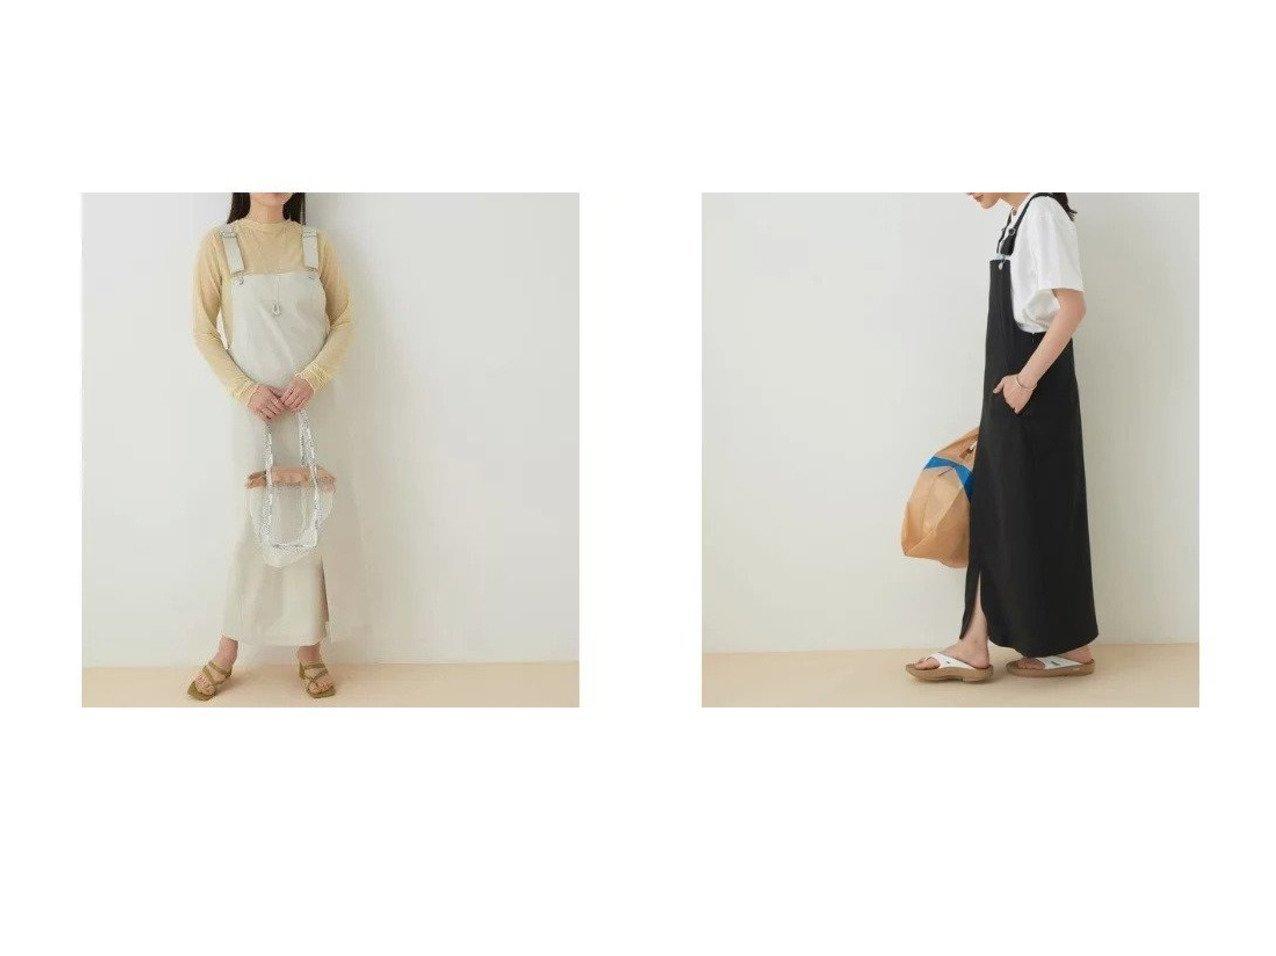 【ADAM ET ROPE'/アダム エ ロペ】の【WEB限定】ジャンパースカート 【スカート】おすすめ!人気、トレンド・レディースファッションの通販 おすすめで人気の流行・トレンド、ファッションの通販商品 メンズファッション・キッズファッション・インテリア・家具・レディースファッション・服の通販 founy(ファニー) https://founy.com/ ファッション Fashion レディースファッション WOMEN スカート Skirt 春 Spring カッティング サンダル シューズ スニーカー スリット 定番 Standard フラット フロント ポケット メランジ ワンポイント 2021年 2021 S/S・春夏 SS・Spring/Summer 2021春夏・S/S SS/Spring/Summer/2021 おすすめ Recommend |ID:crp329100000027839